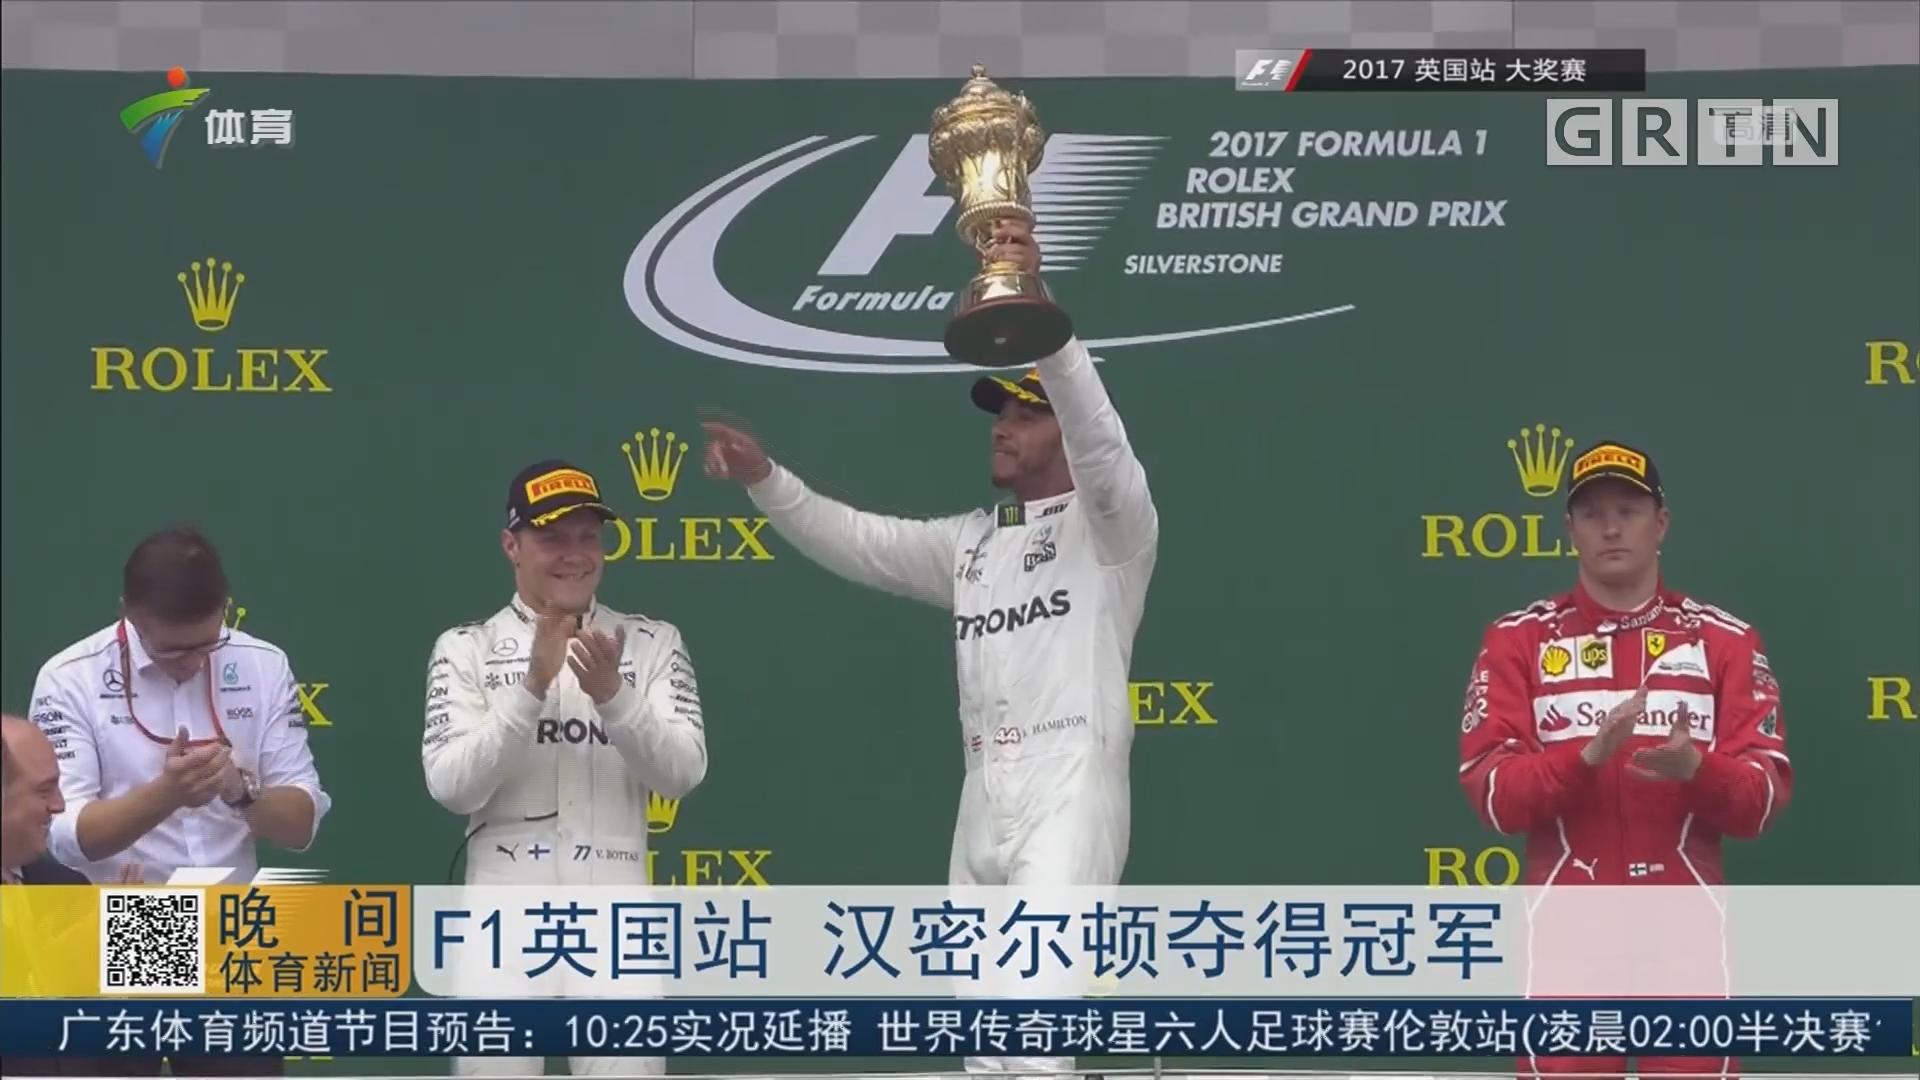 F1英国站 汉密尔顿夺得冠军